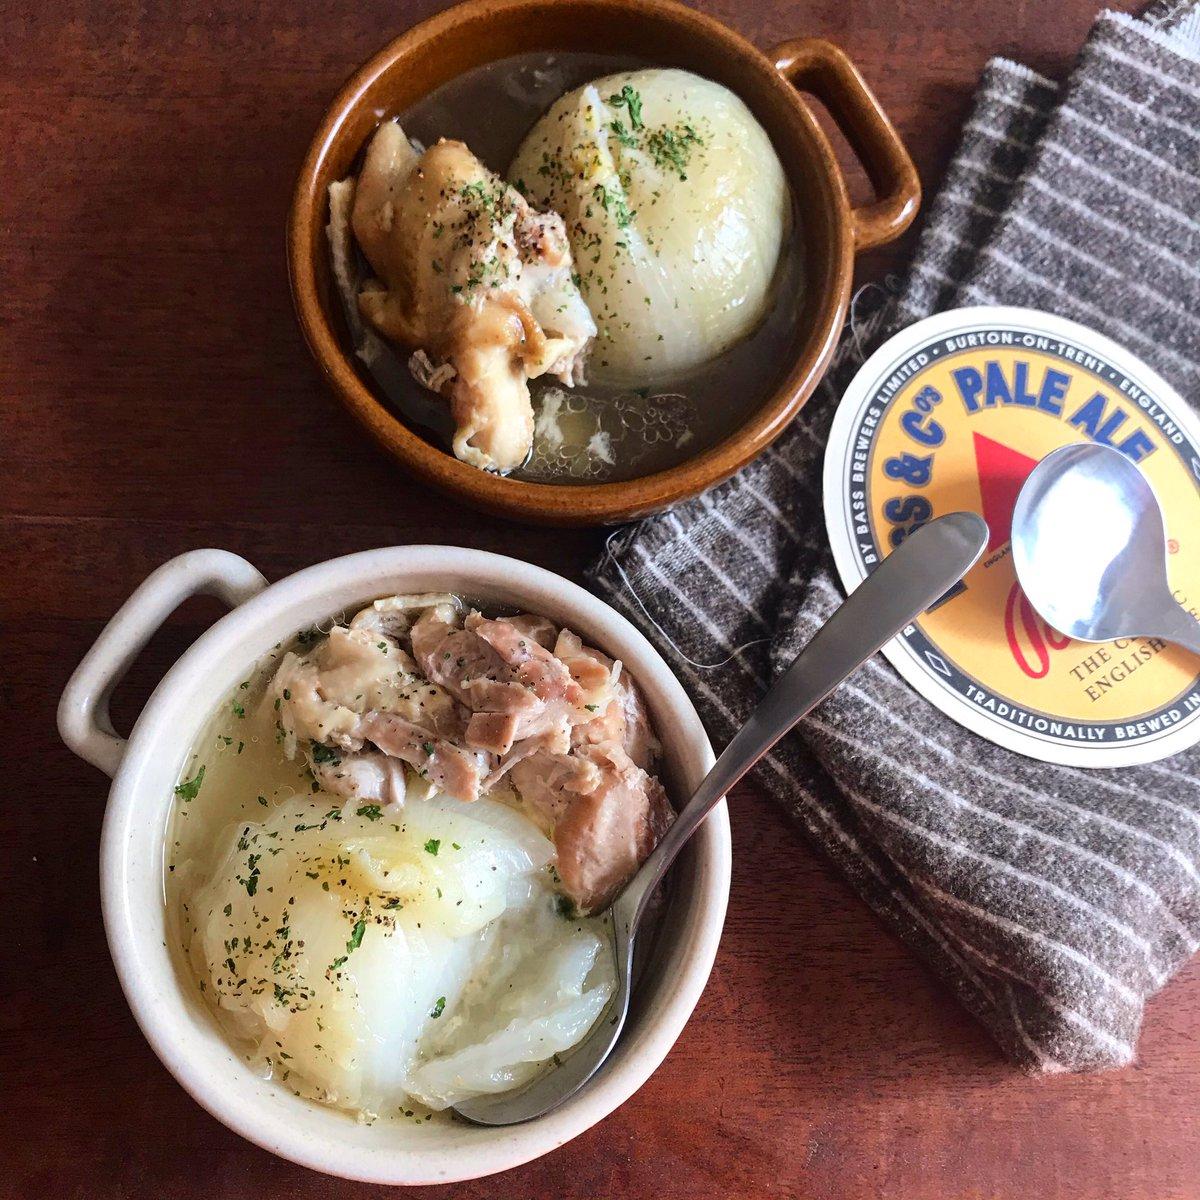 何やこの美味しさ‼️  炊飯器に新玉か玉ねぎ2〜3個、鶏モモ1〜2枚、白だし大さじ5と水500ml入れて炊くだけ‼️新玉トロトロ、鶏肉は崩れる位ホロホロで、何よりスープ